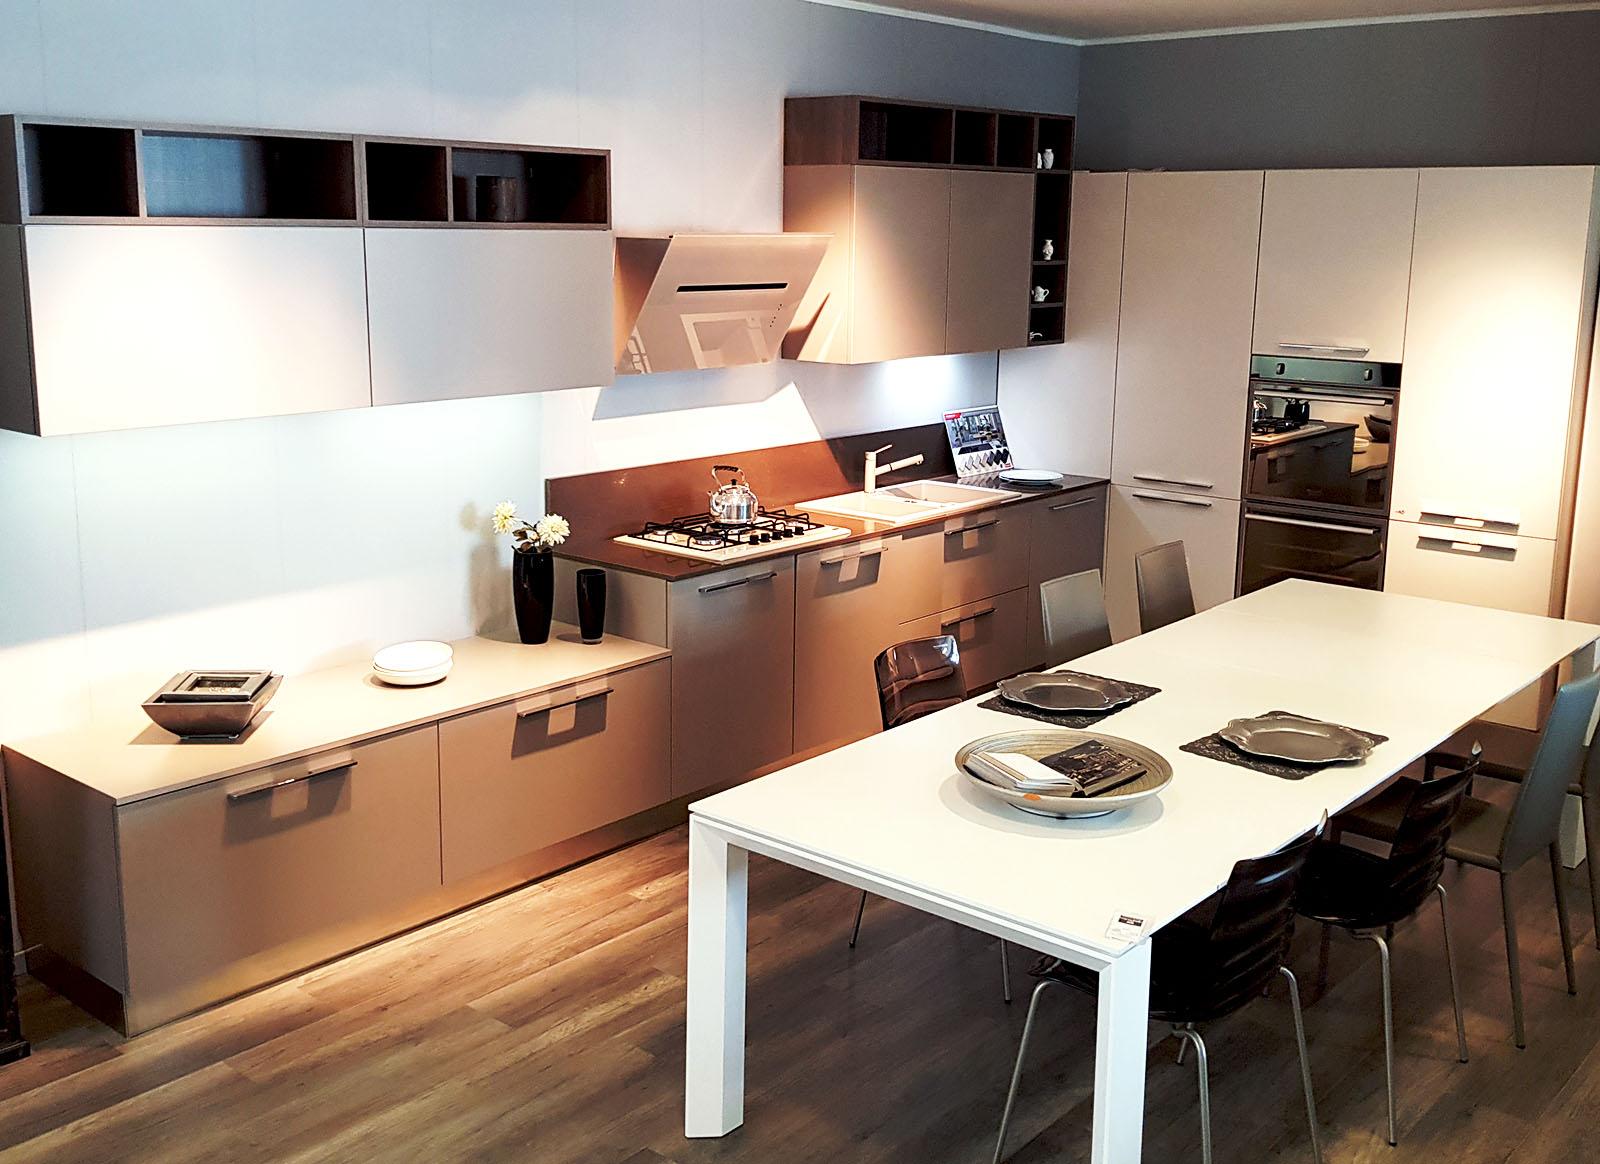 Cucina ad angolo visone e canapa cucine padova - Cucina senza elettrodomestici ...